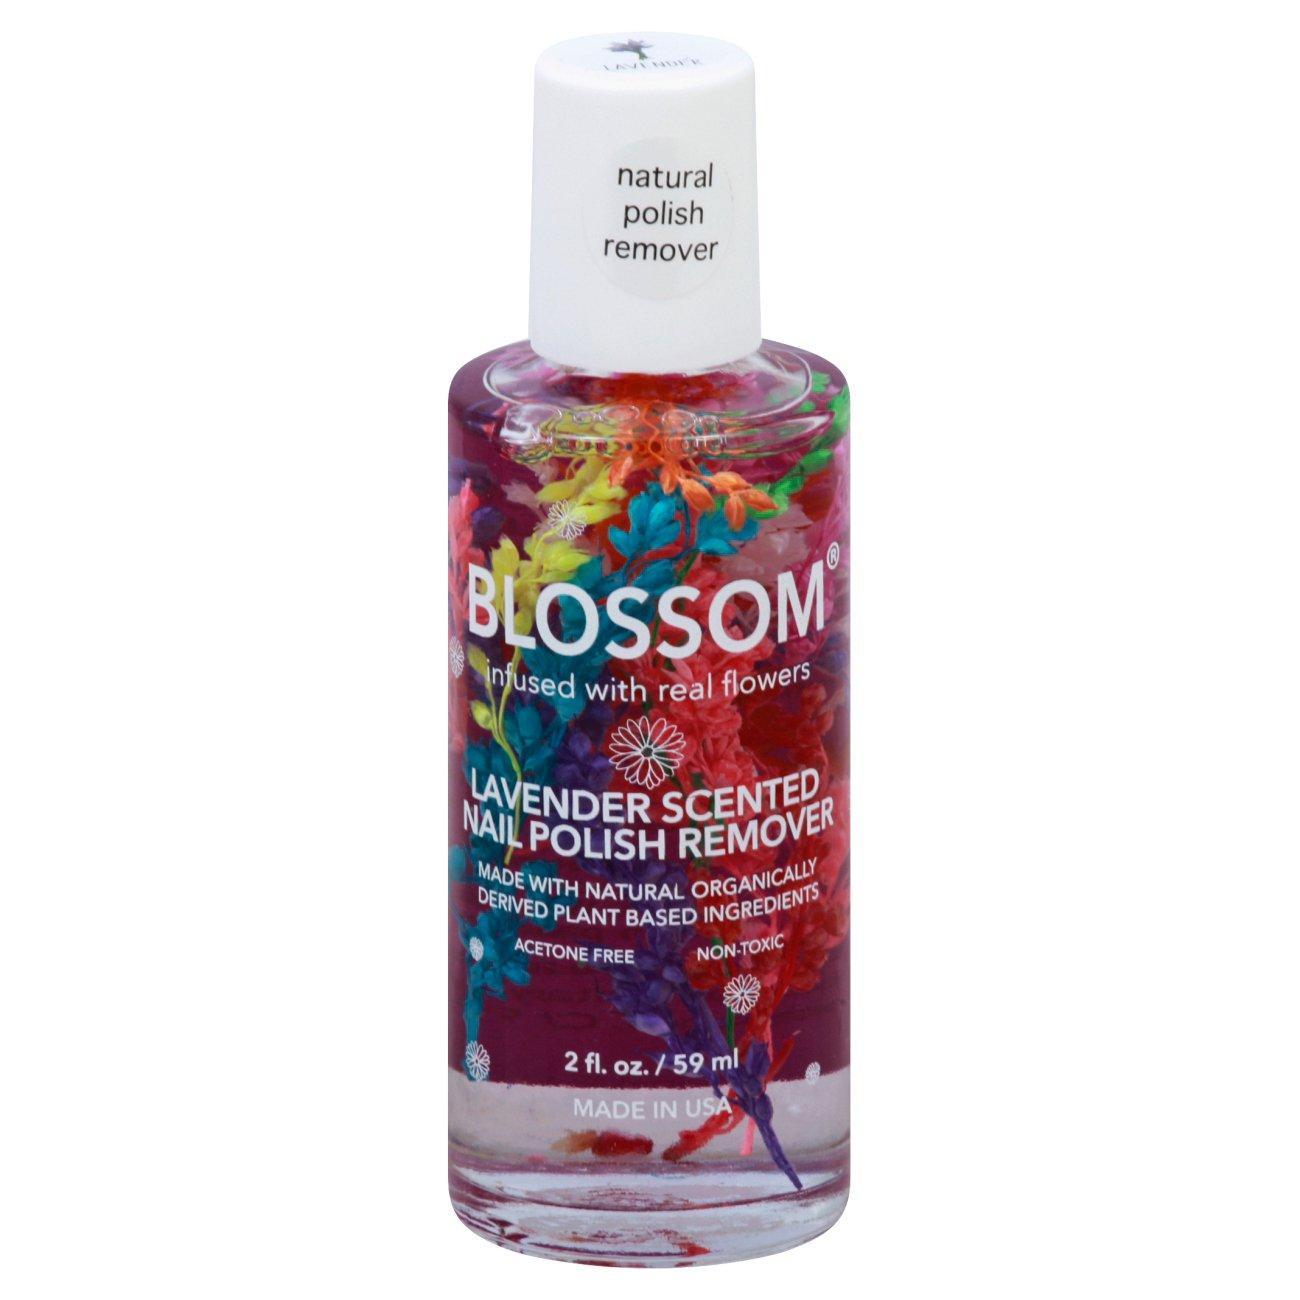 Blossom Lavender Polish Remover Shop Polish Remover At H E B